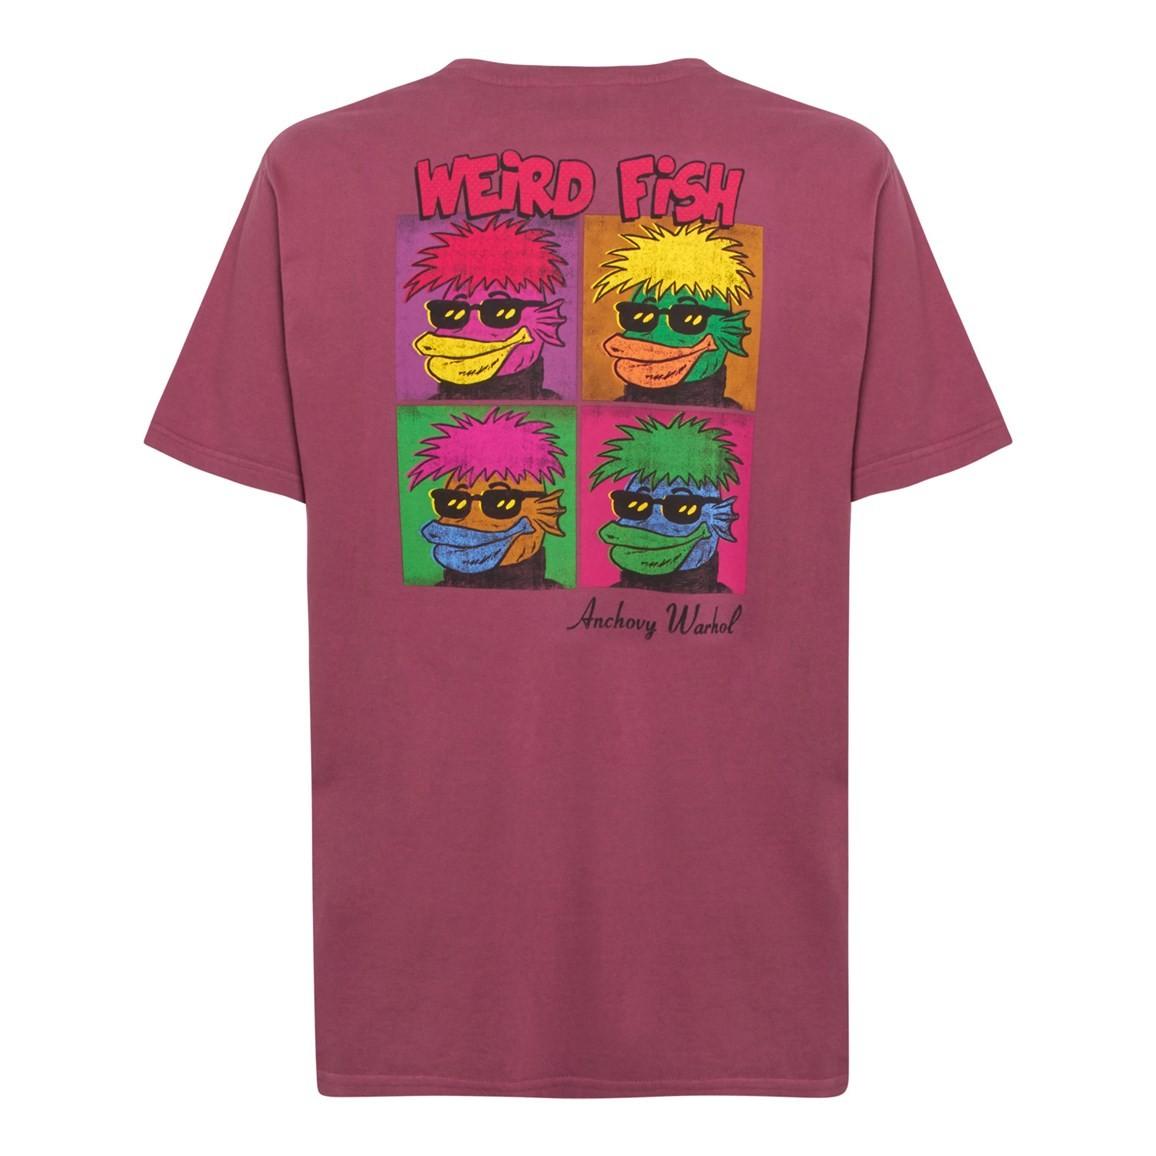 Weird Fish Anchovy Warhol Back Print Artist T-Shirt Soft Port Size 2XL